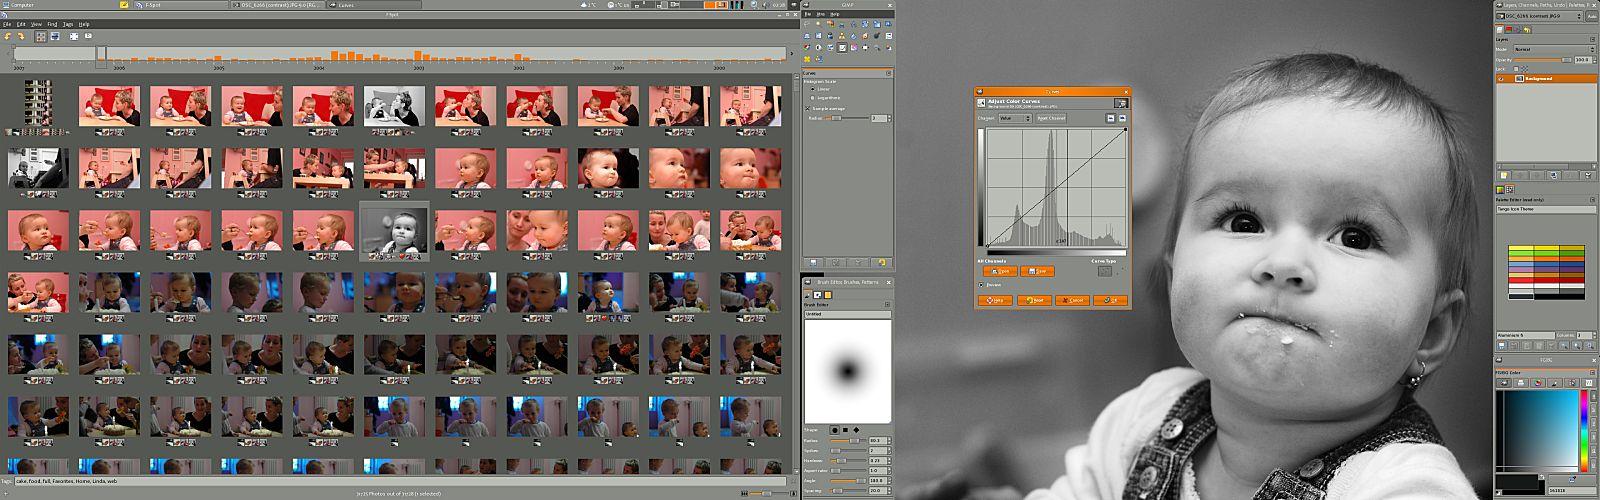 captura de pantalla de gimp 2.8